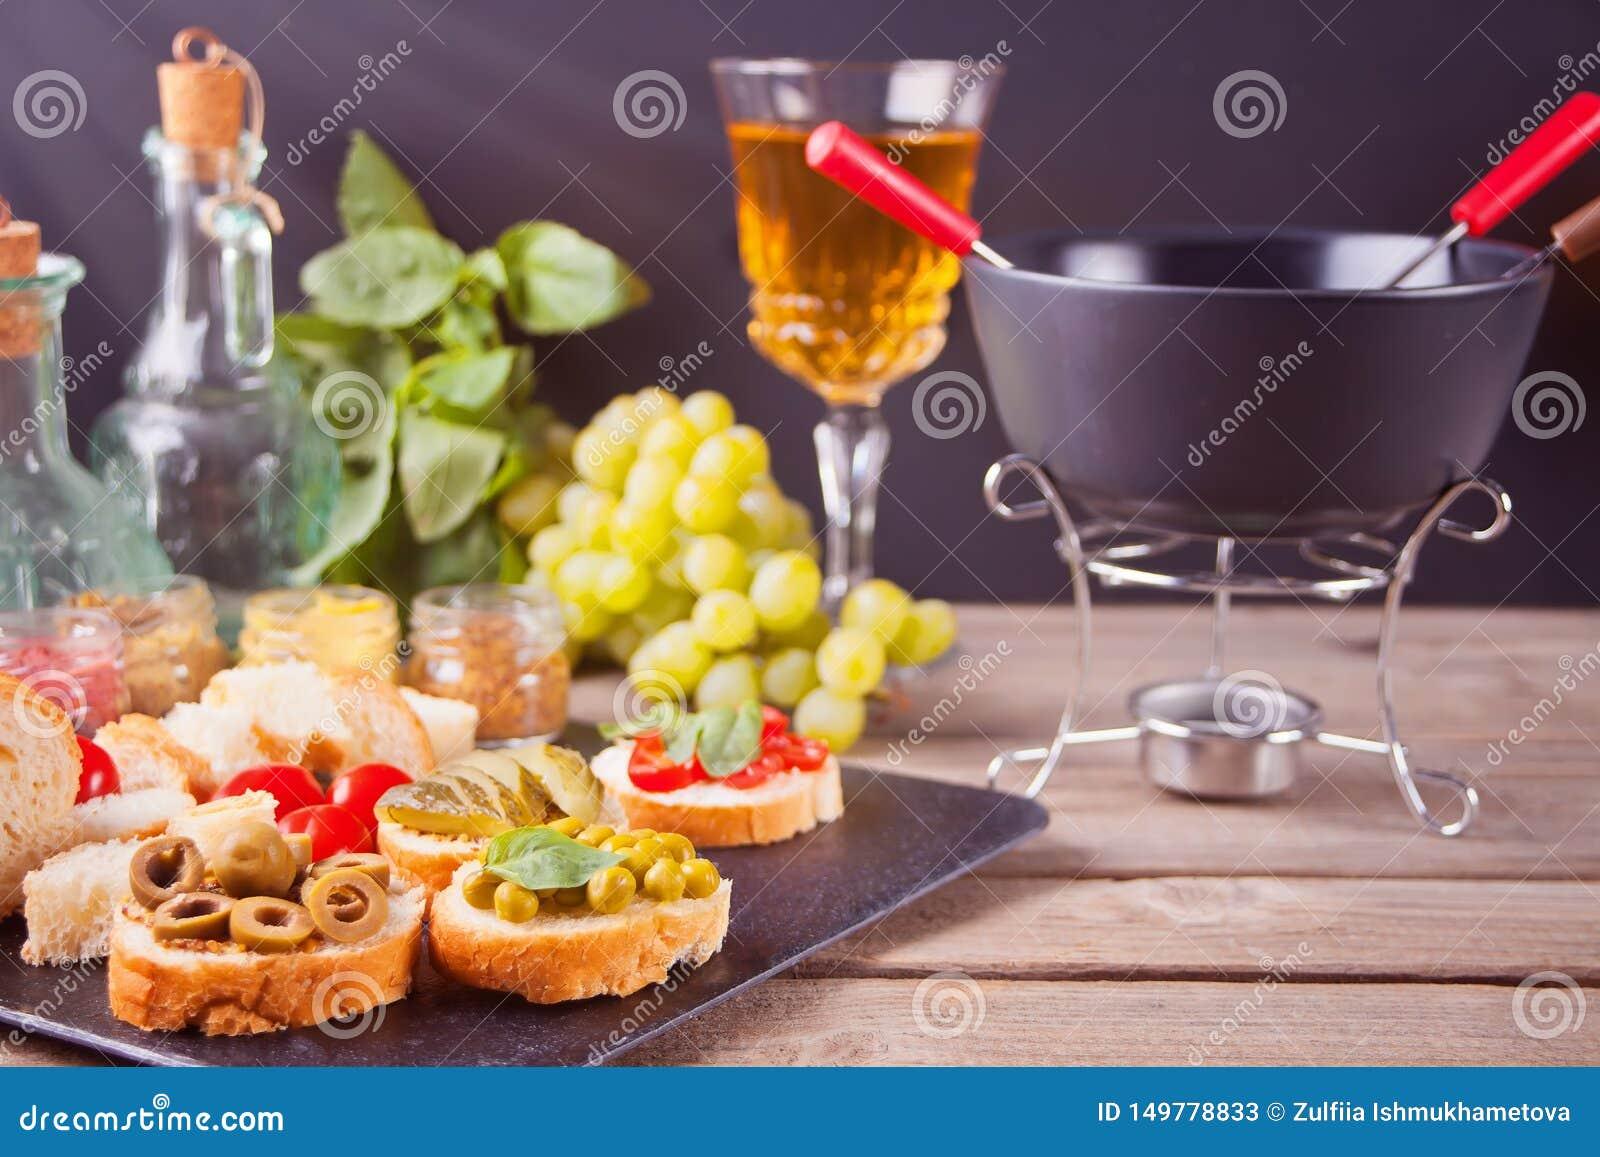 Italiensk bruschetta i sortimentet på plattan, exponeringsglas med vitt vin, druvor, fondue Parti- eller matställebegrepp